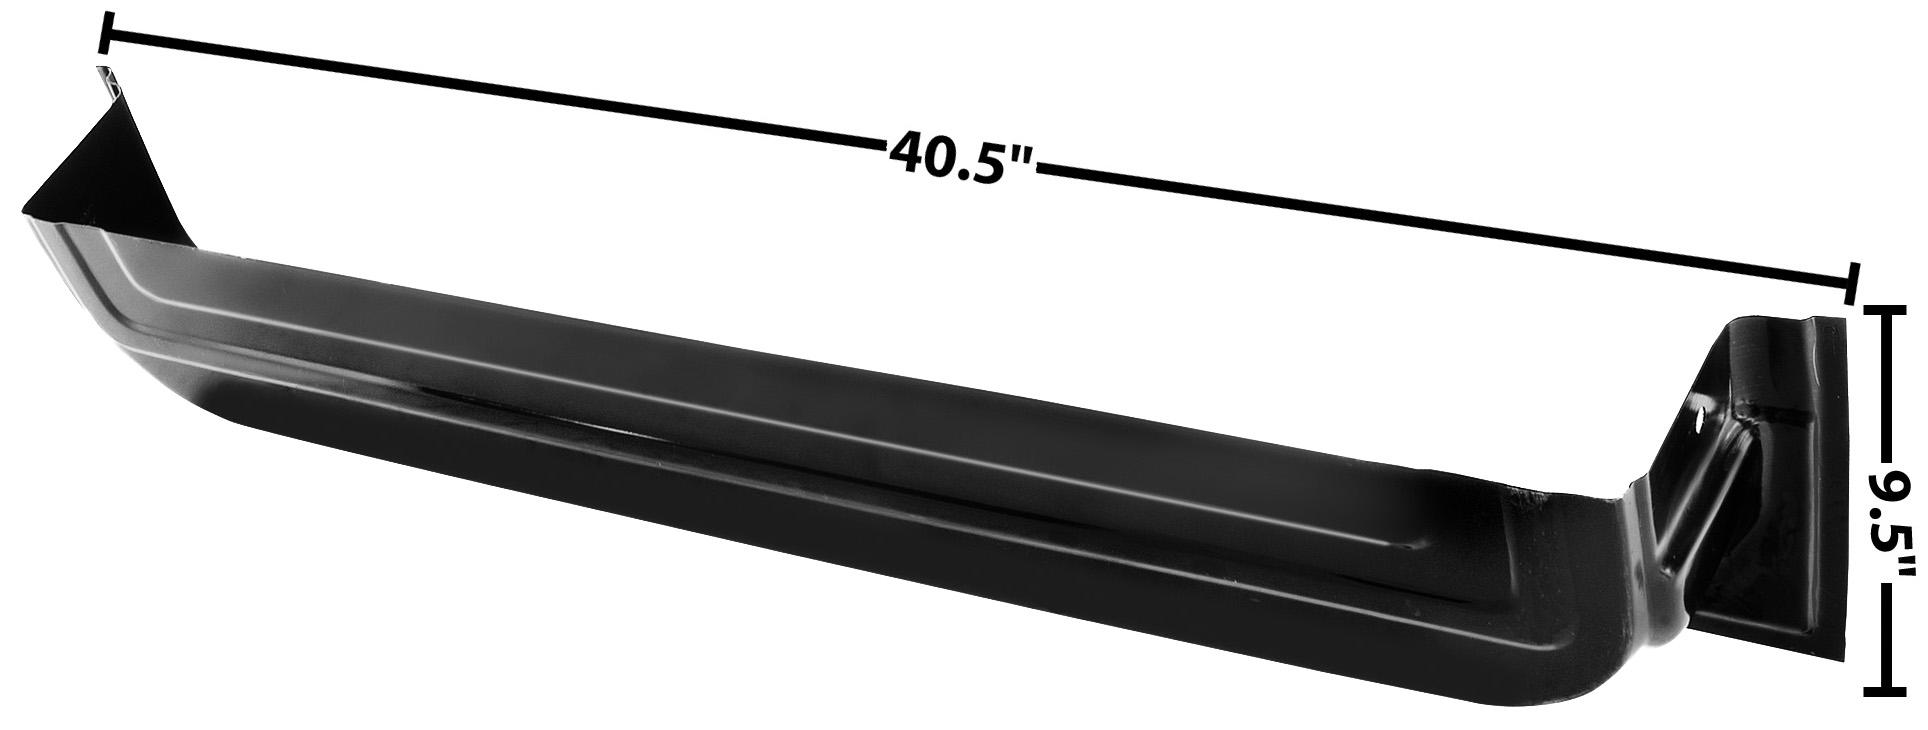 C PU 64-66 LOWER INNER DOOR PANEL-LH